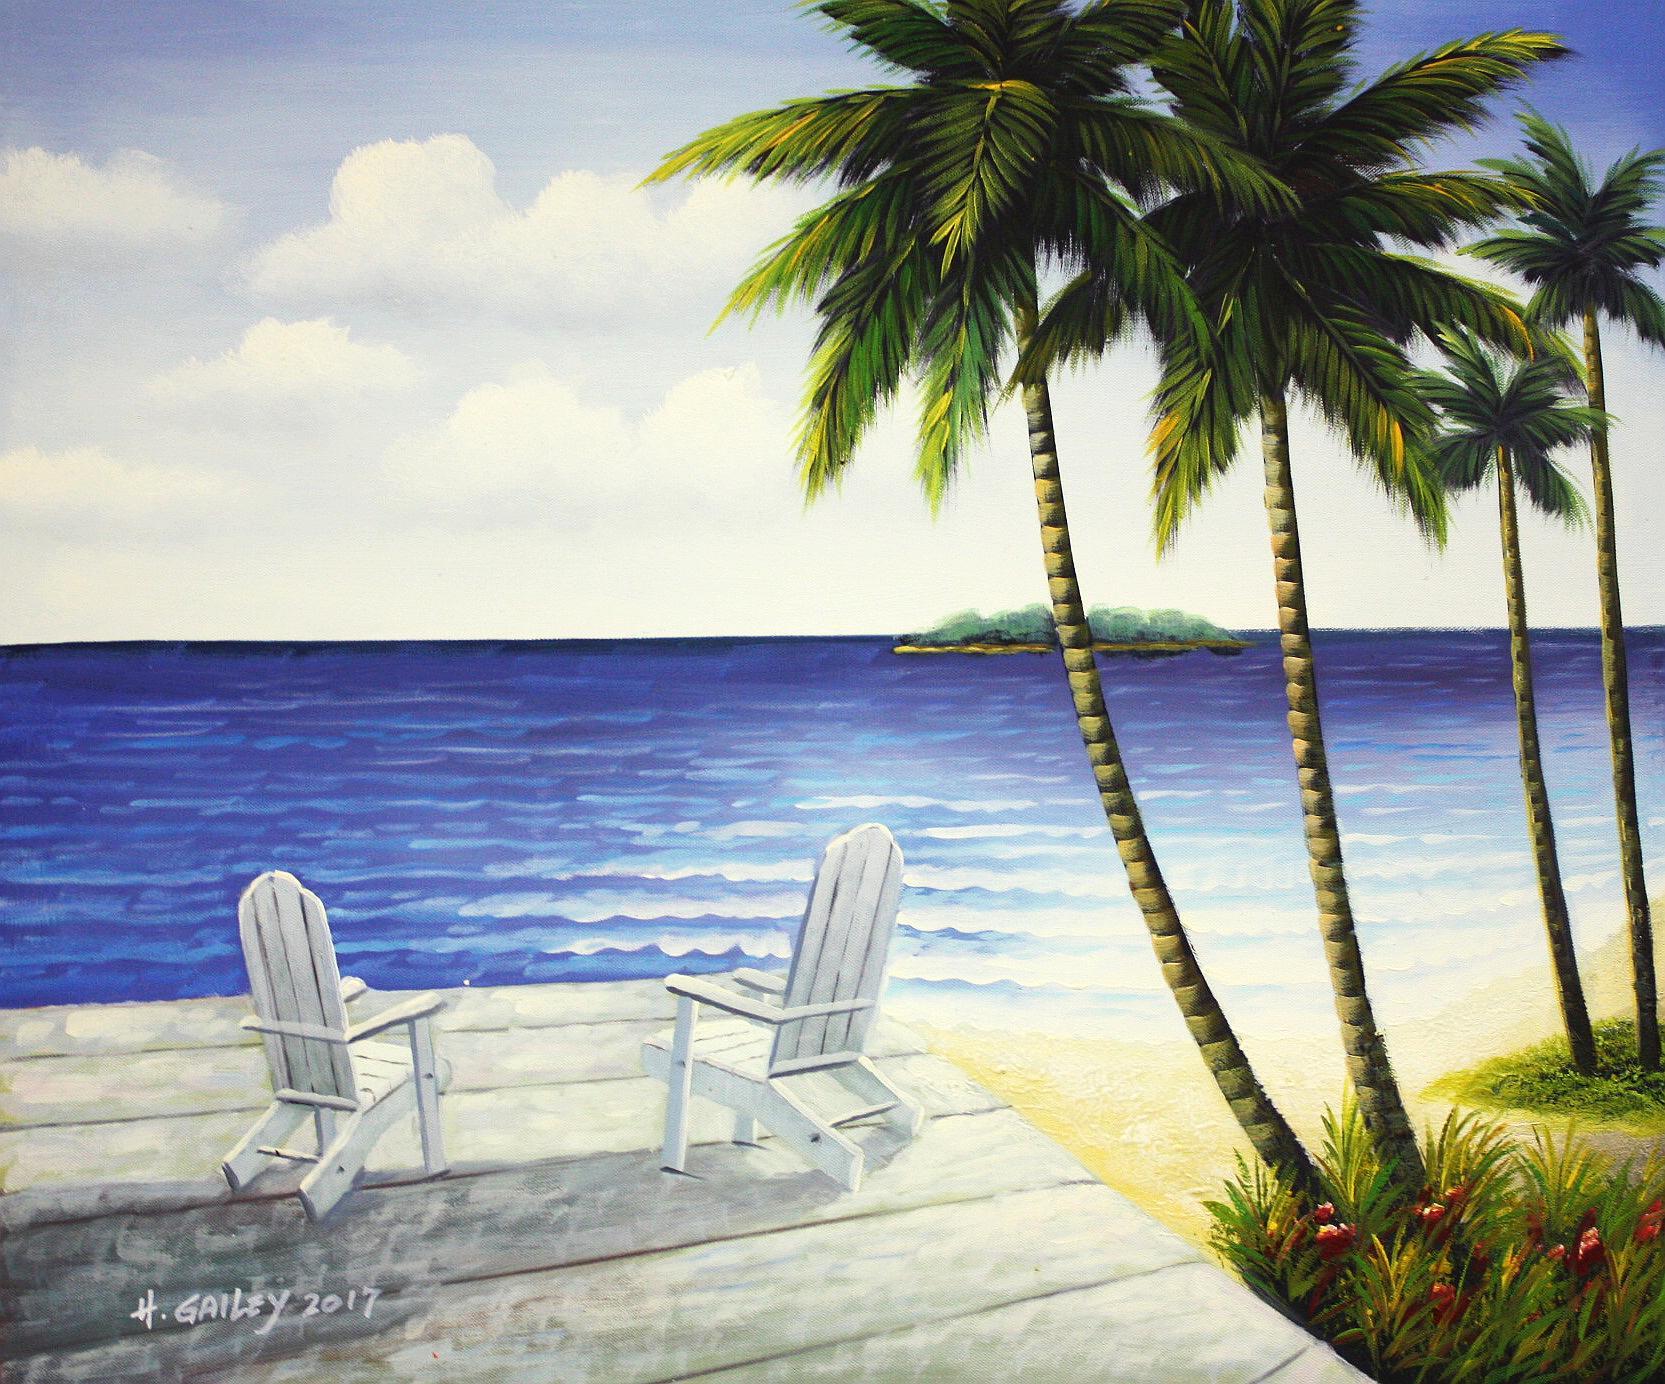 Modern Art - Karibische Idylle c94359 50x60cm beeindruckendes Ölbild